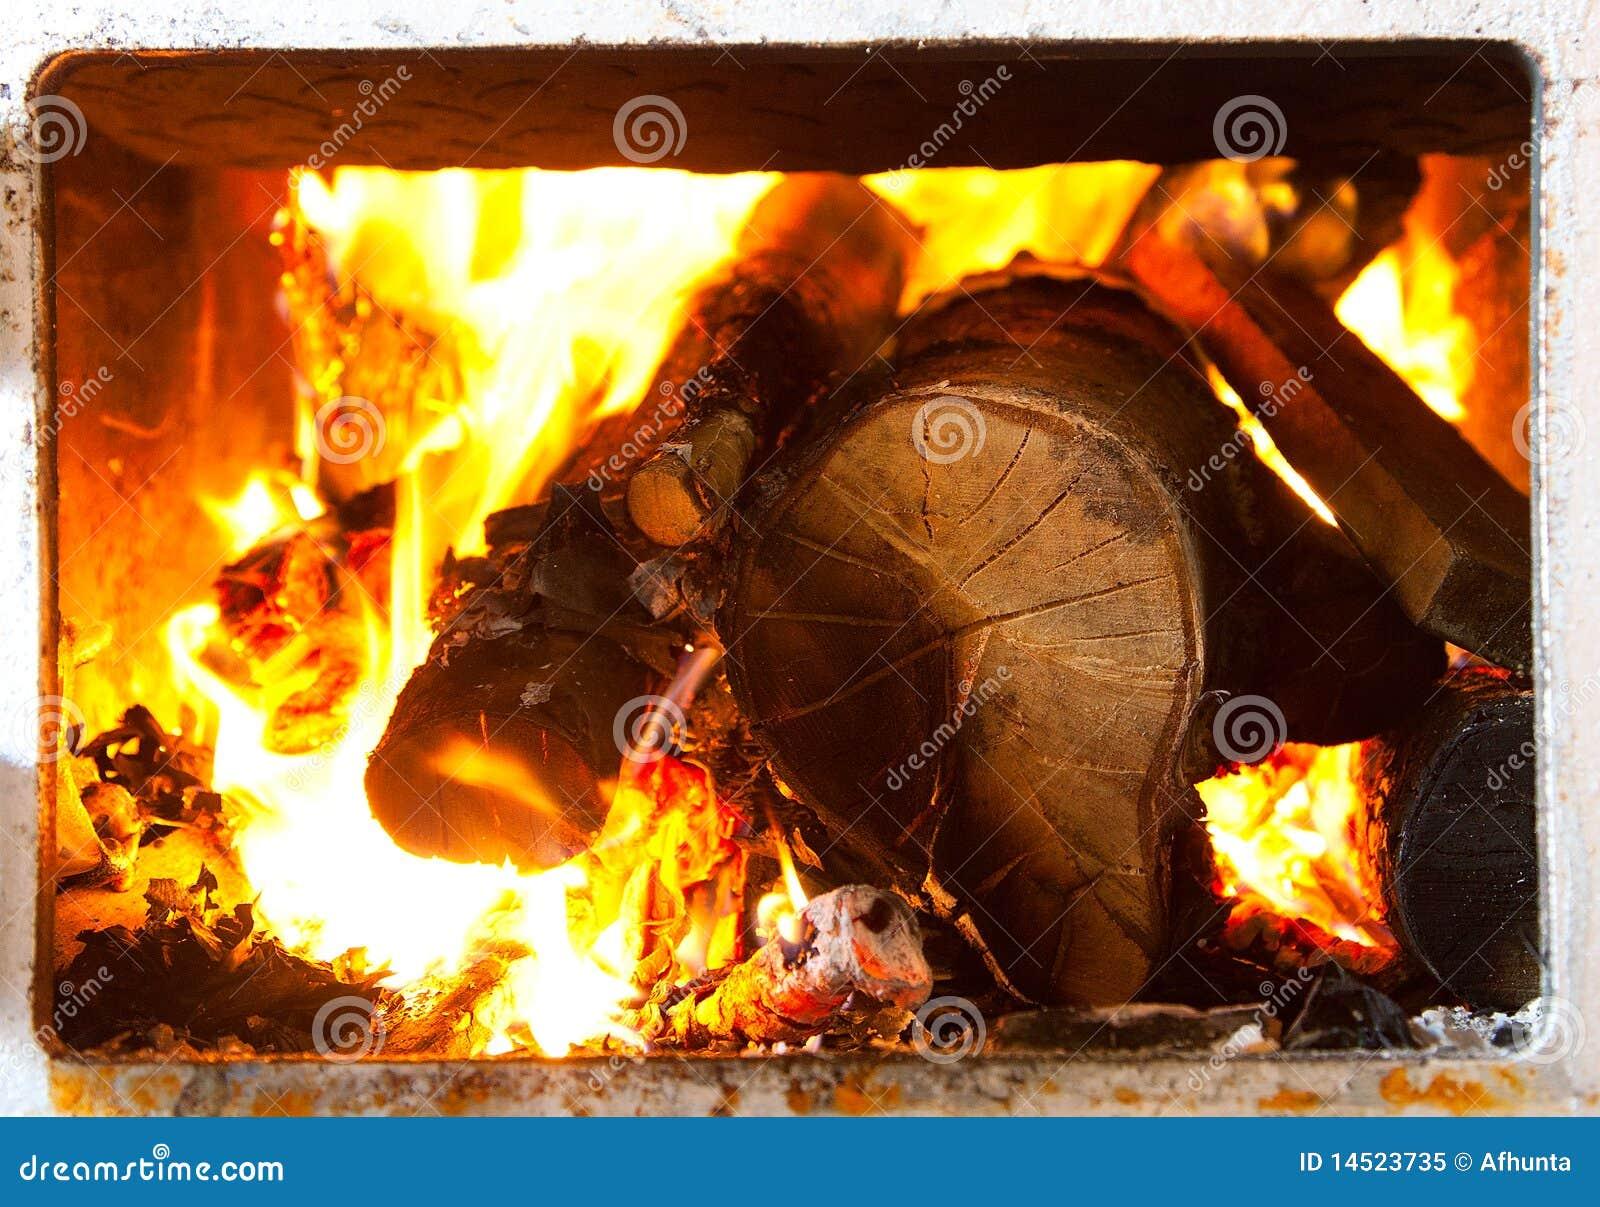 Houten-brandt fornuis